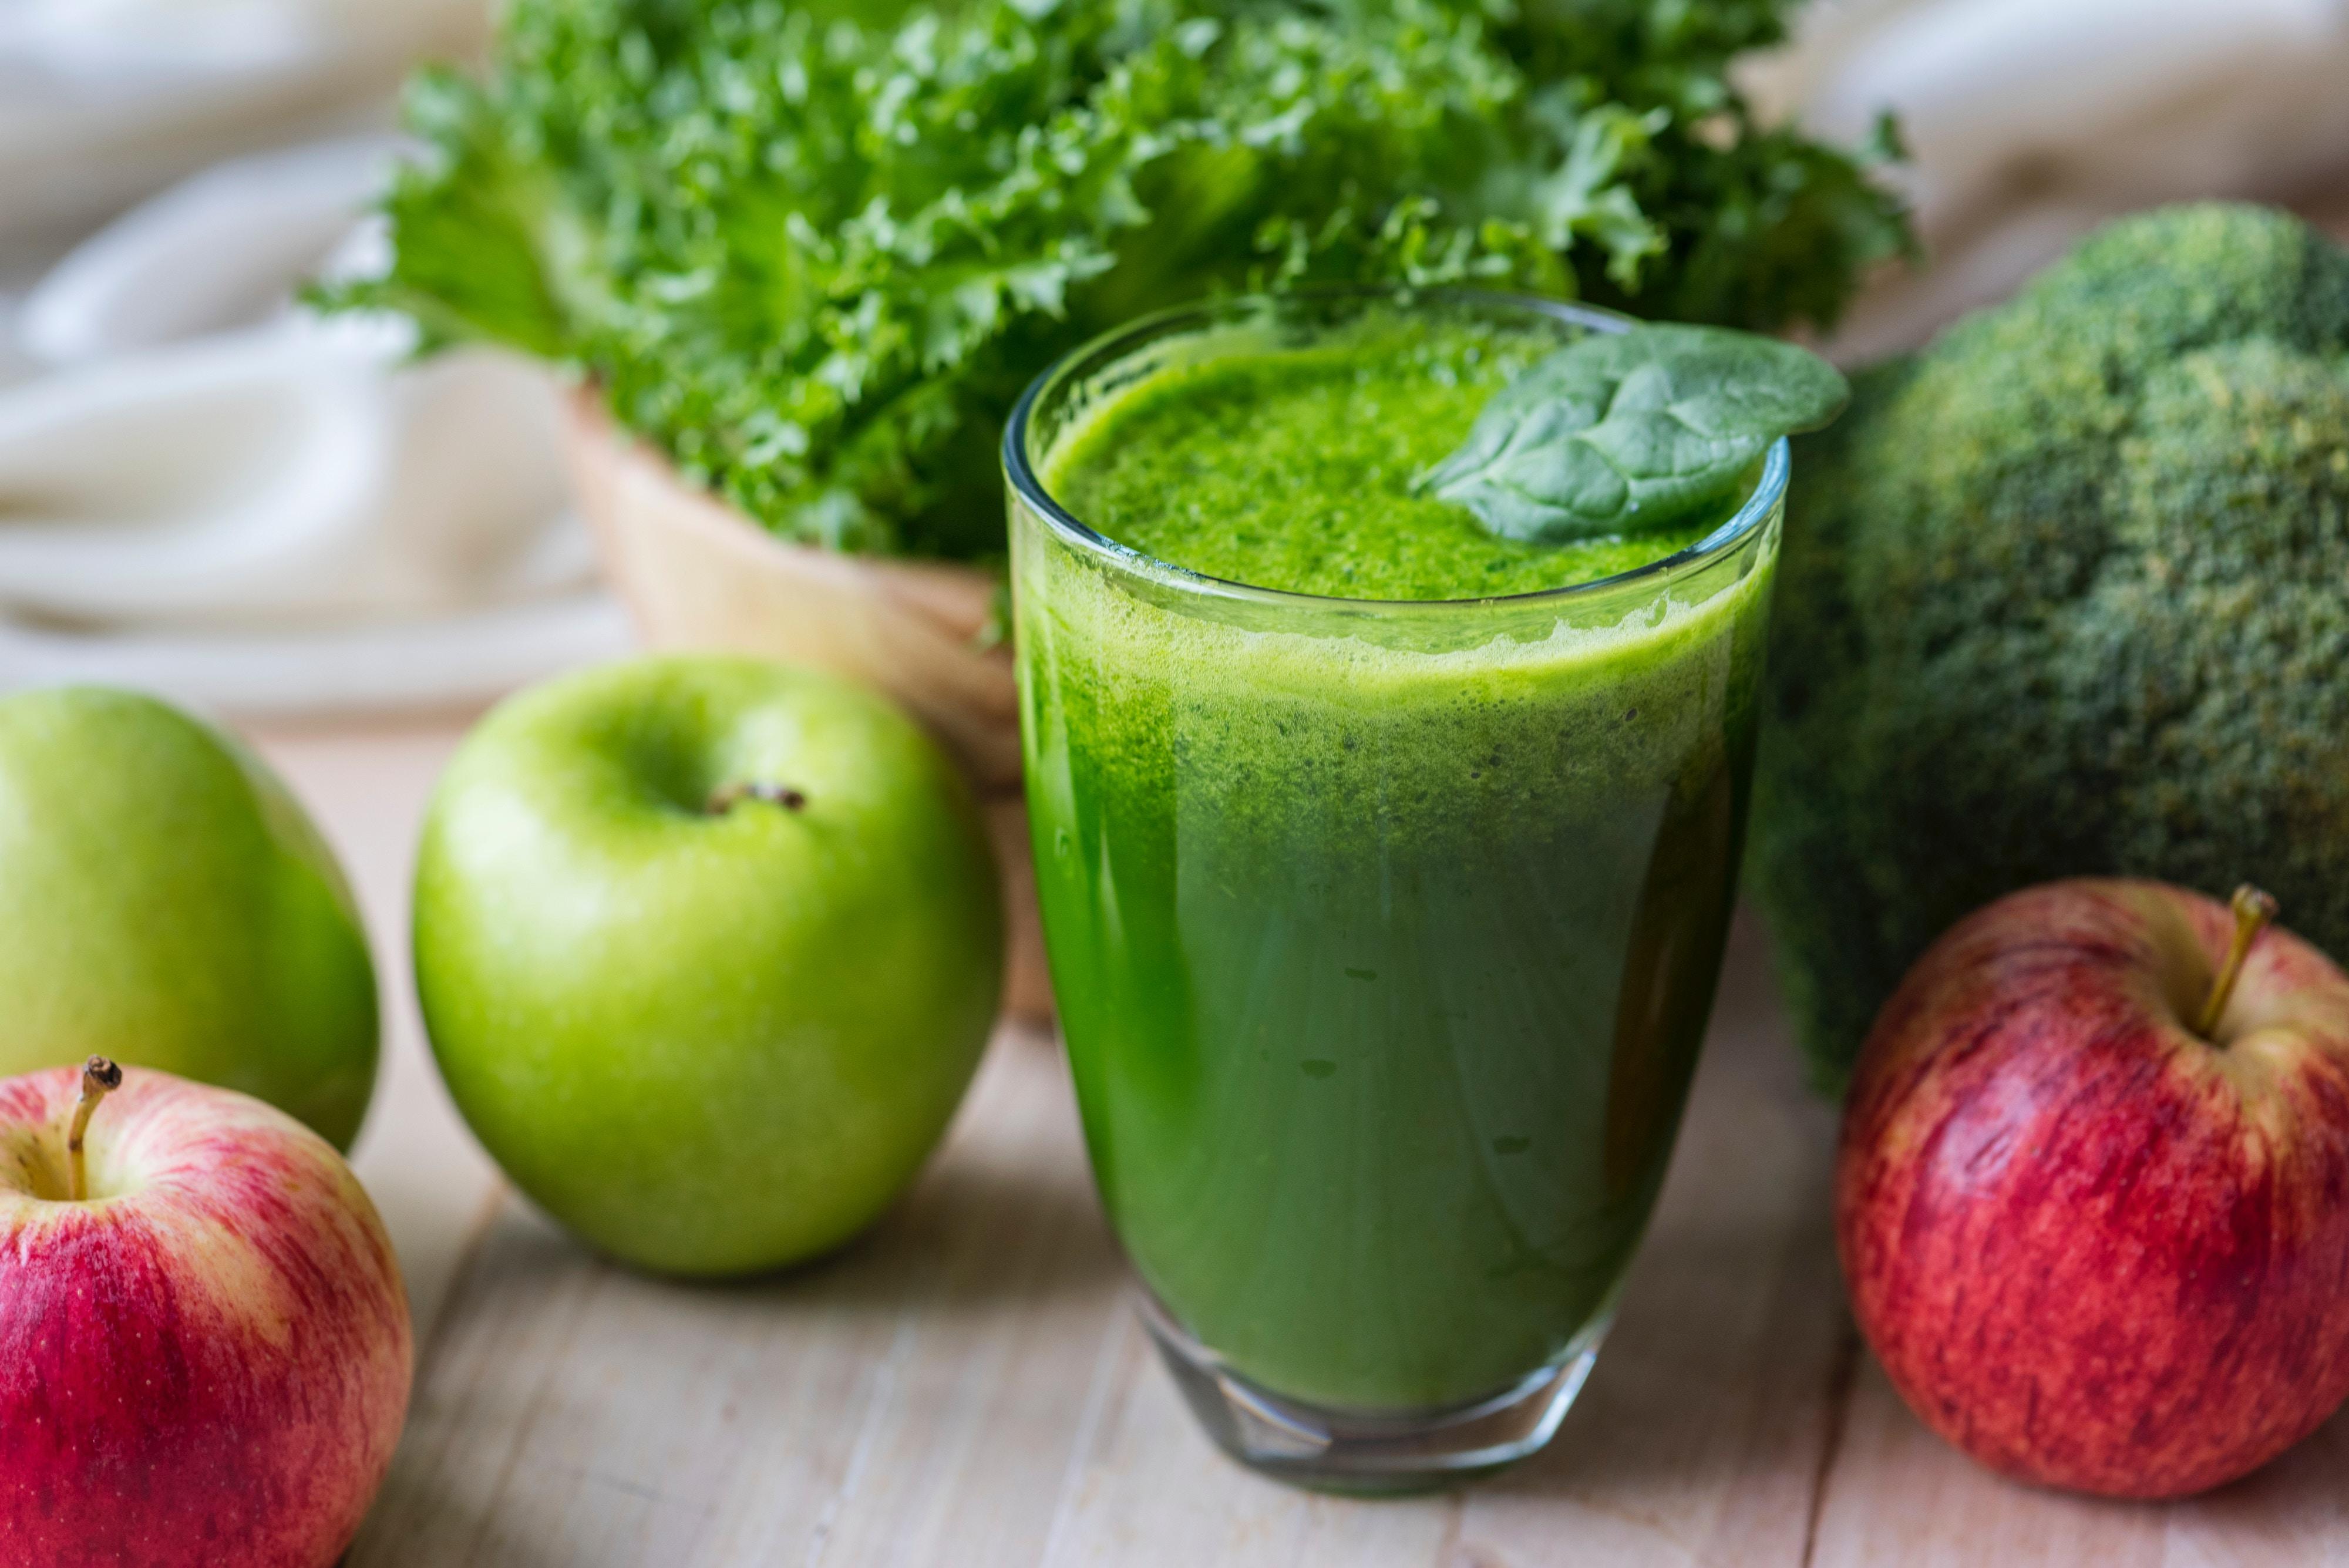 Fruit juice. https://www.wocdetox.com/what-is-detoxification.html